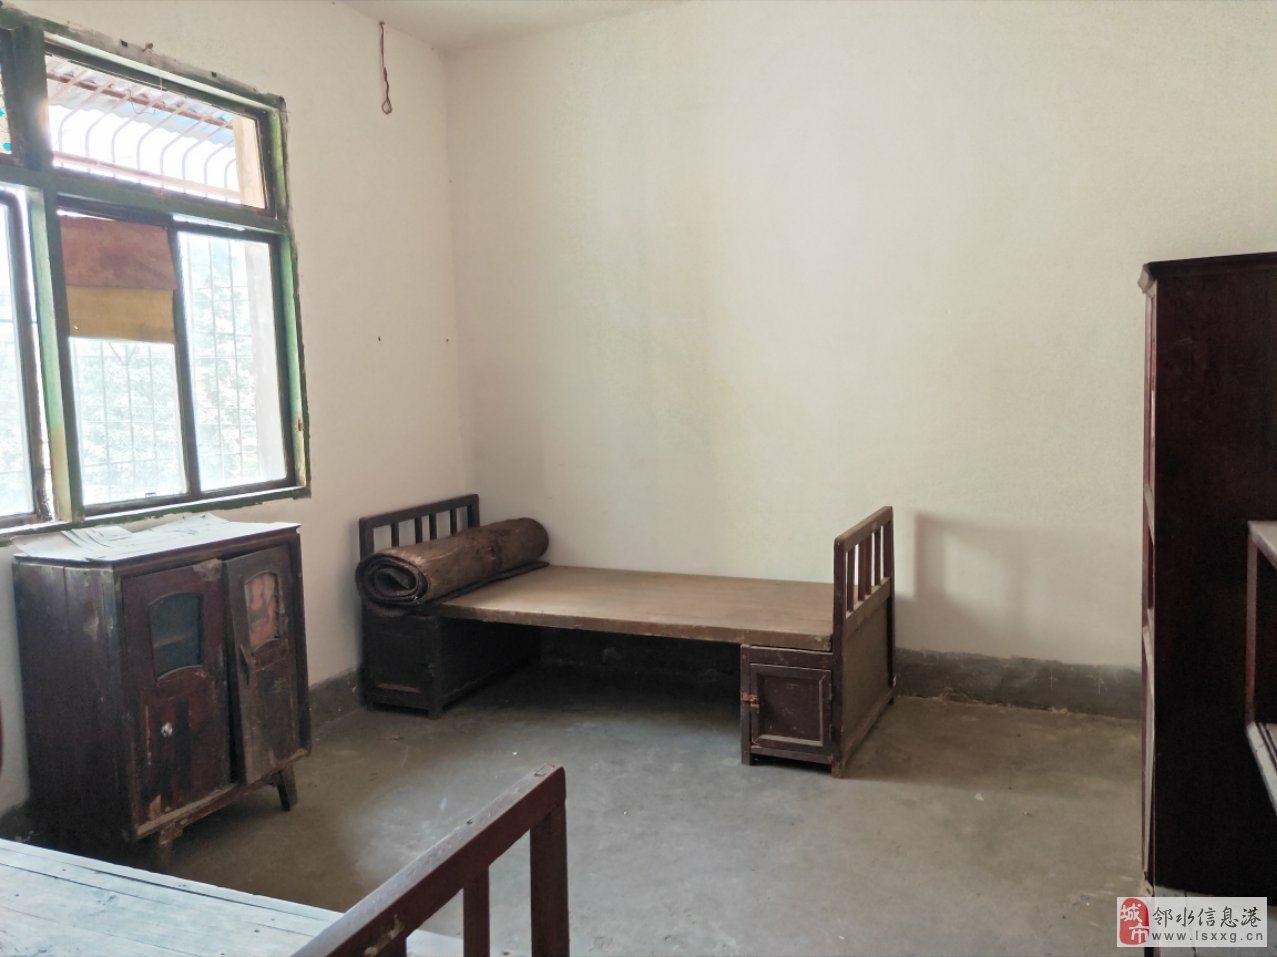 房子位置好,周边配套设施齐全,价格相当便宜